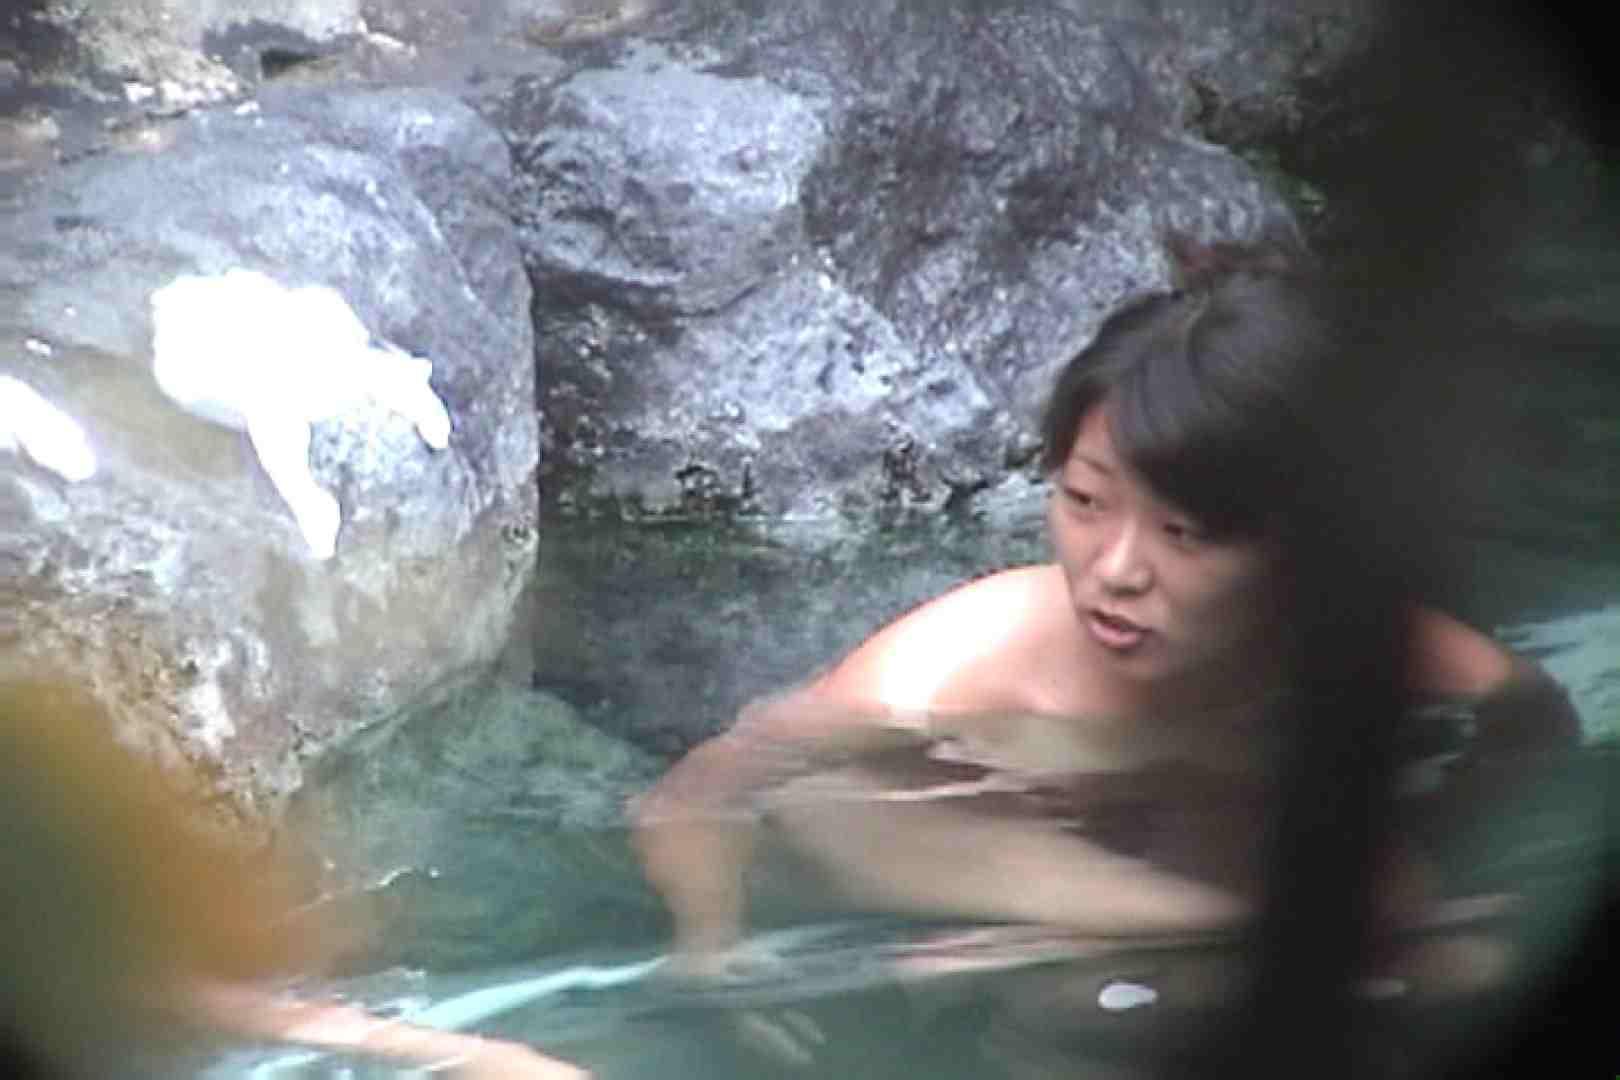 Aquaな露天風呂Vol.69【VIP限定】 OLのエロ生活  106連発 102